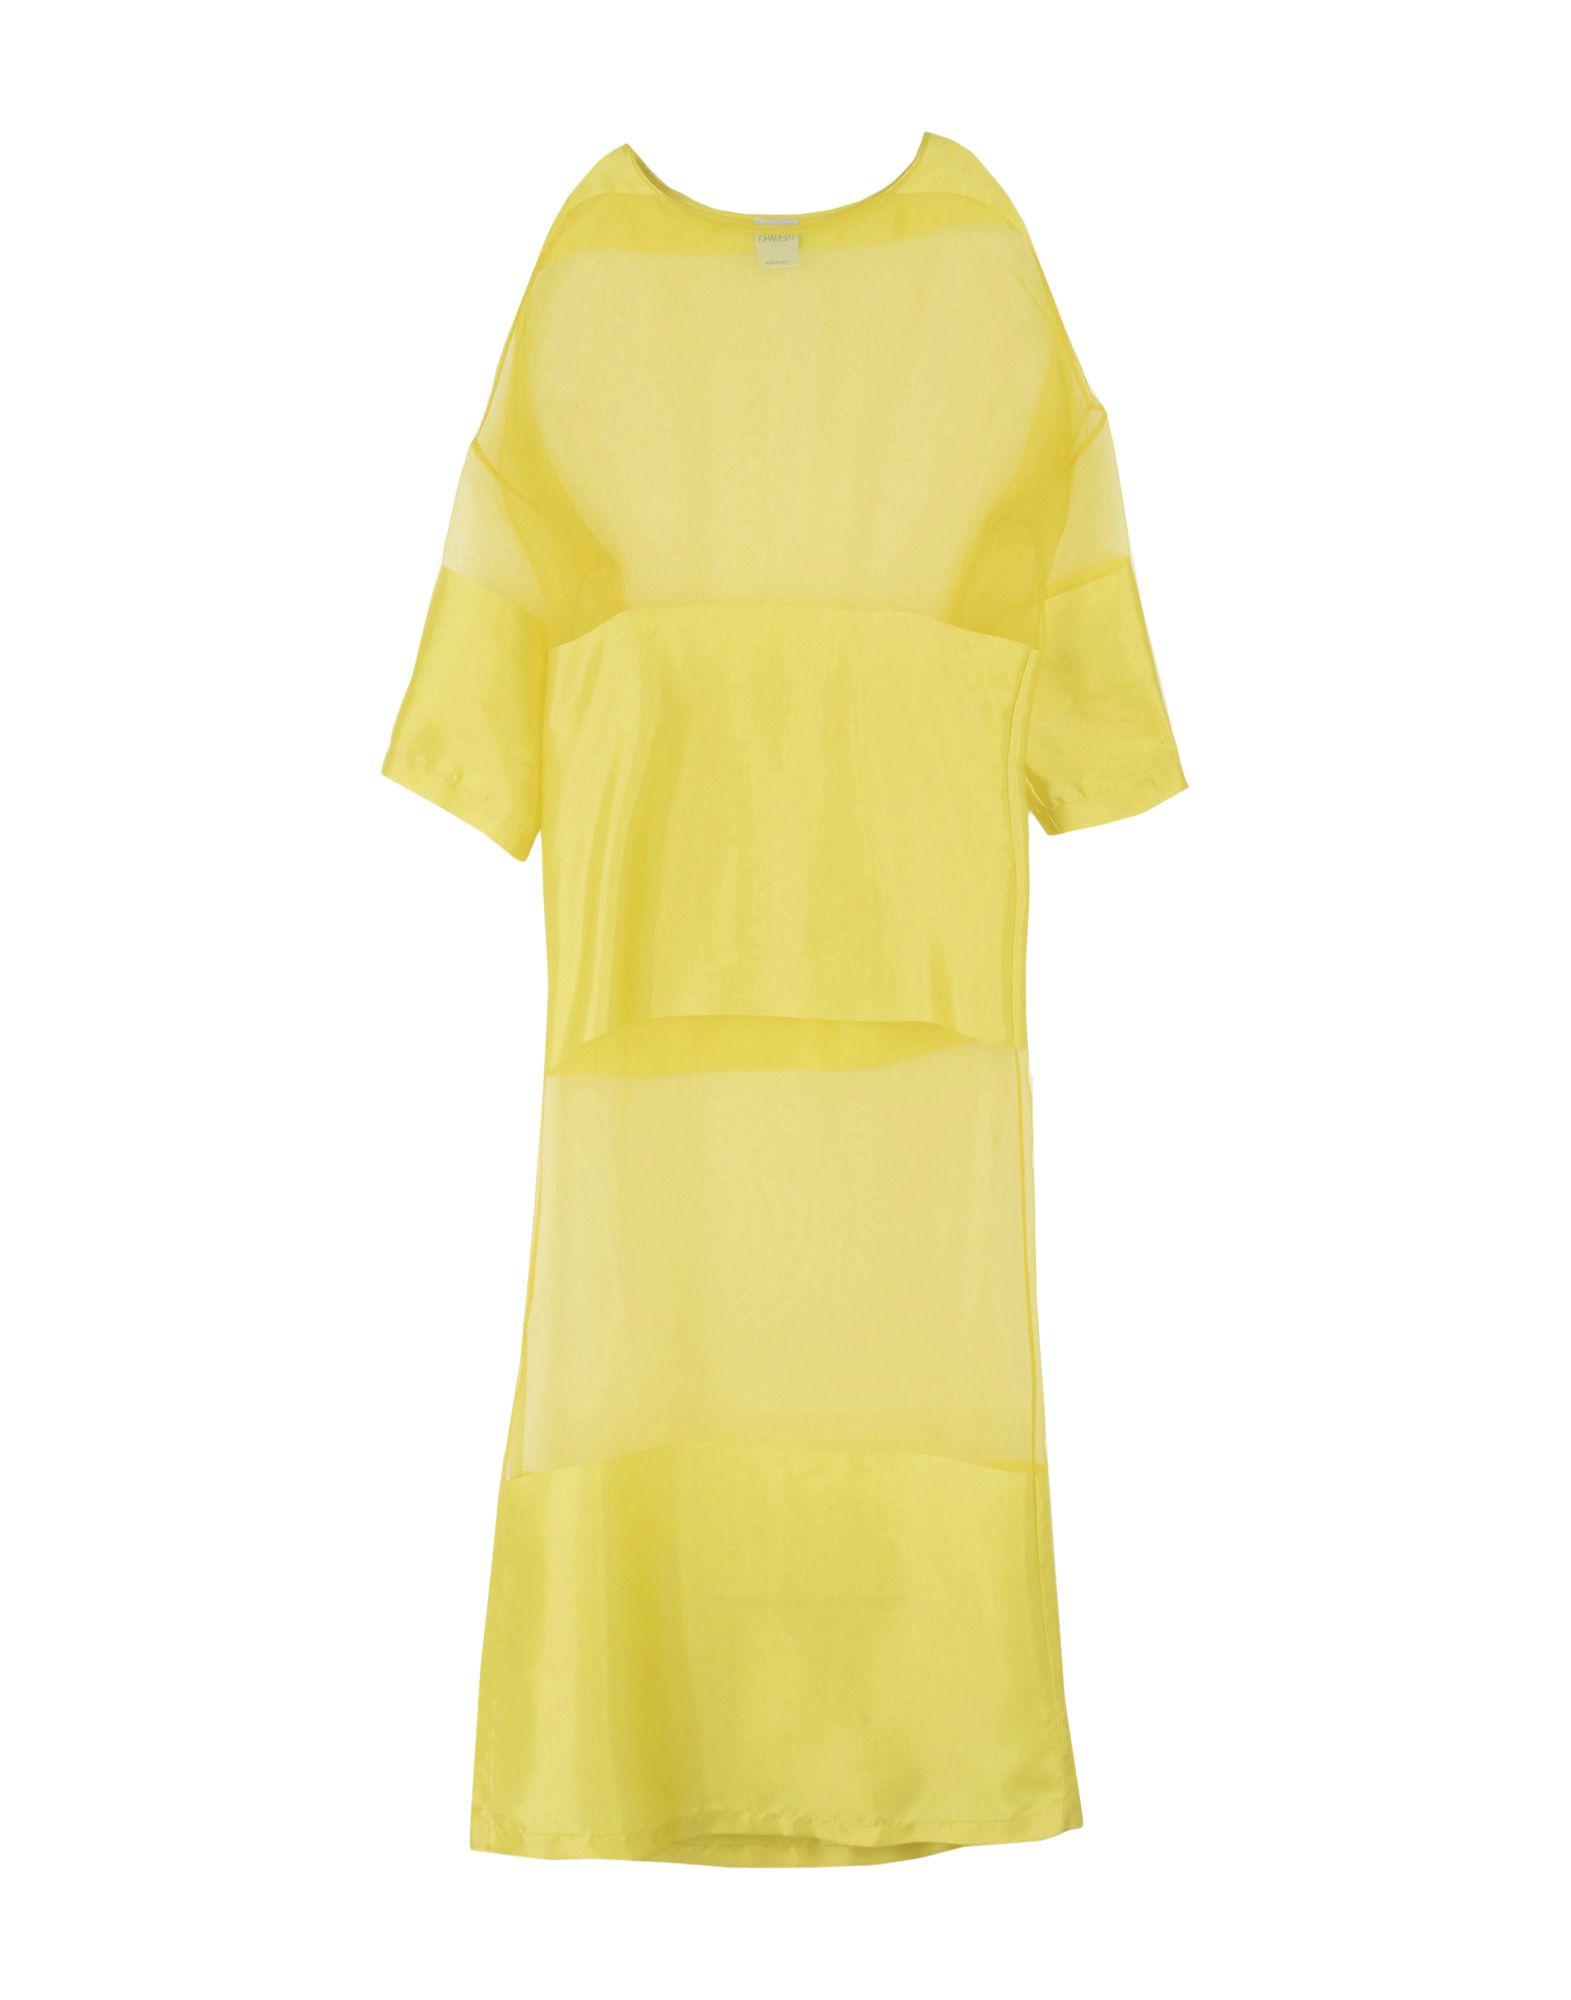 KHAMSIN Платье длиной 3/4 zipbaits khamsin sr 70 sp в санкт петербурге